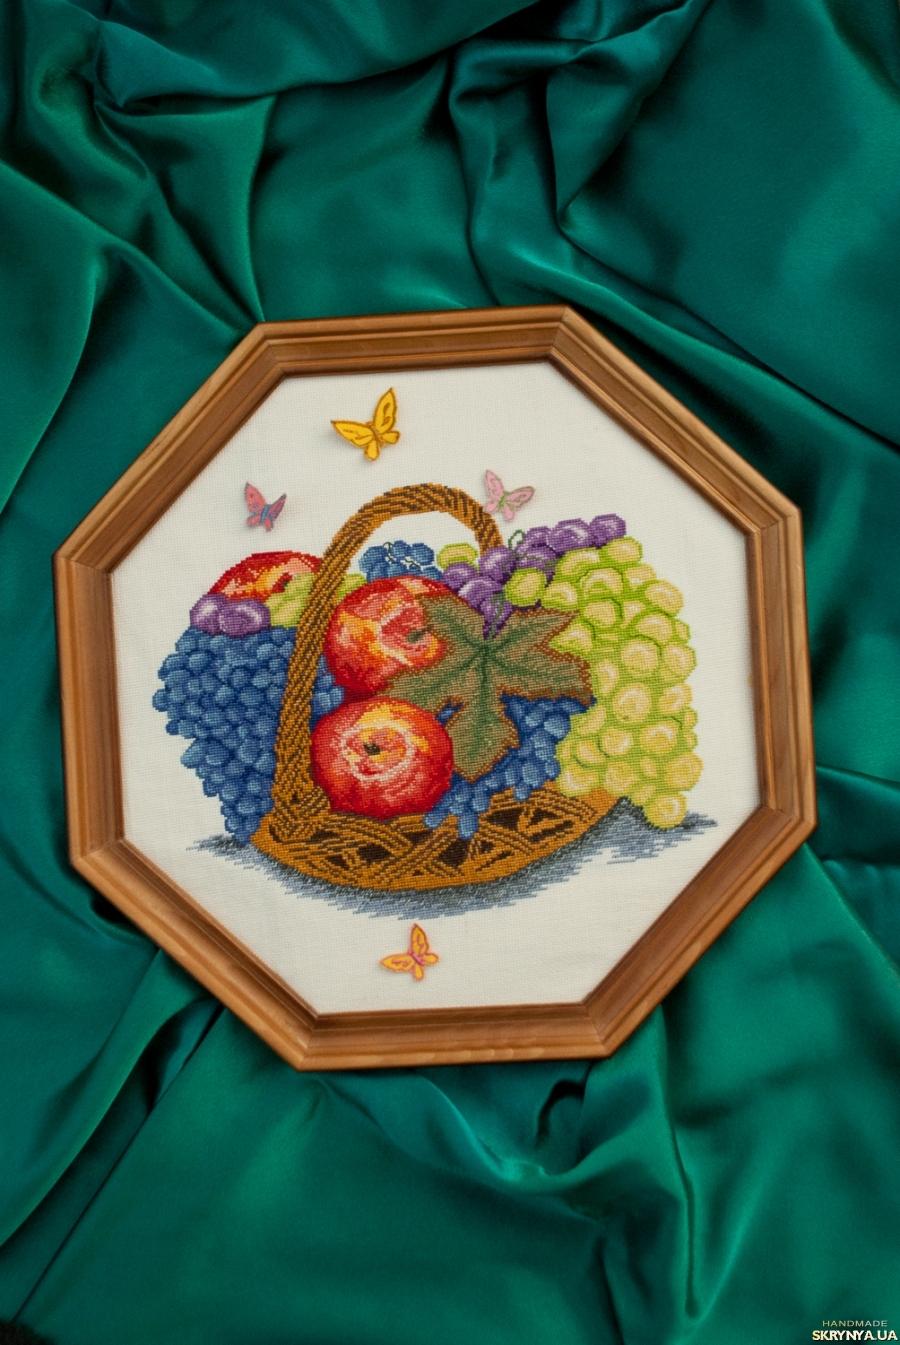 тут изображено Вышитая картина Фрукты в корзине.